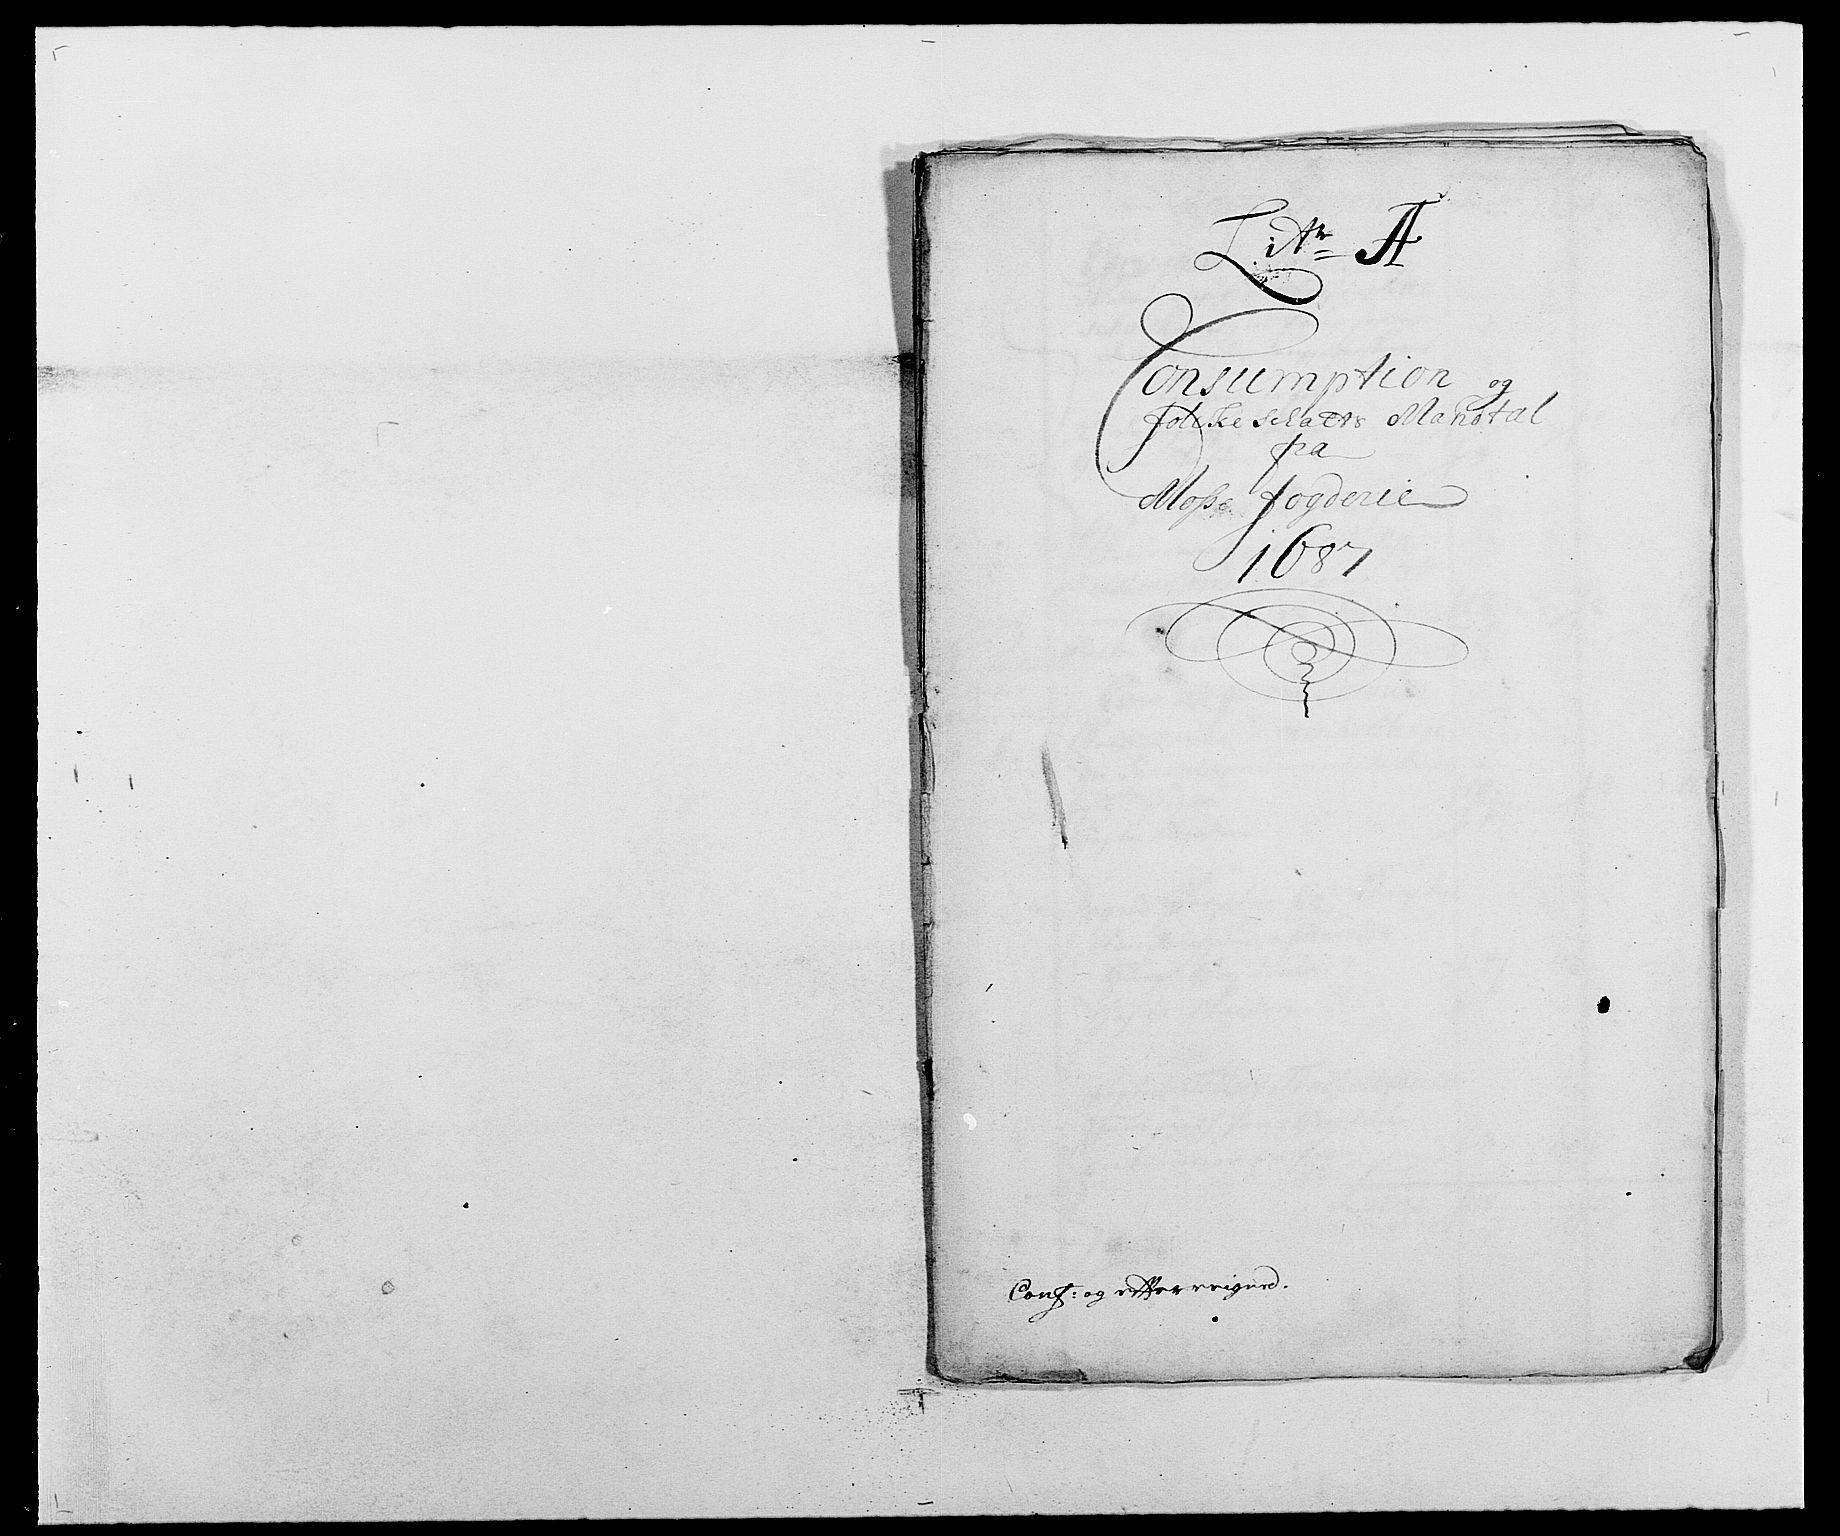 RA, Rentekammeret inntil 1814, Reviderte regnskaper, Fogderegnskap, R02/L0105: Fogderegnskap Moss og Verne kloster, 1685-1687, s. 387